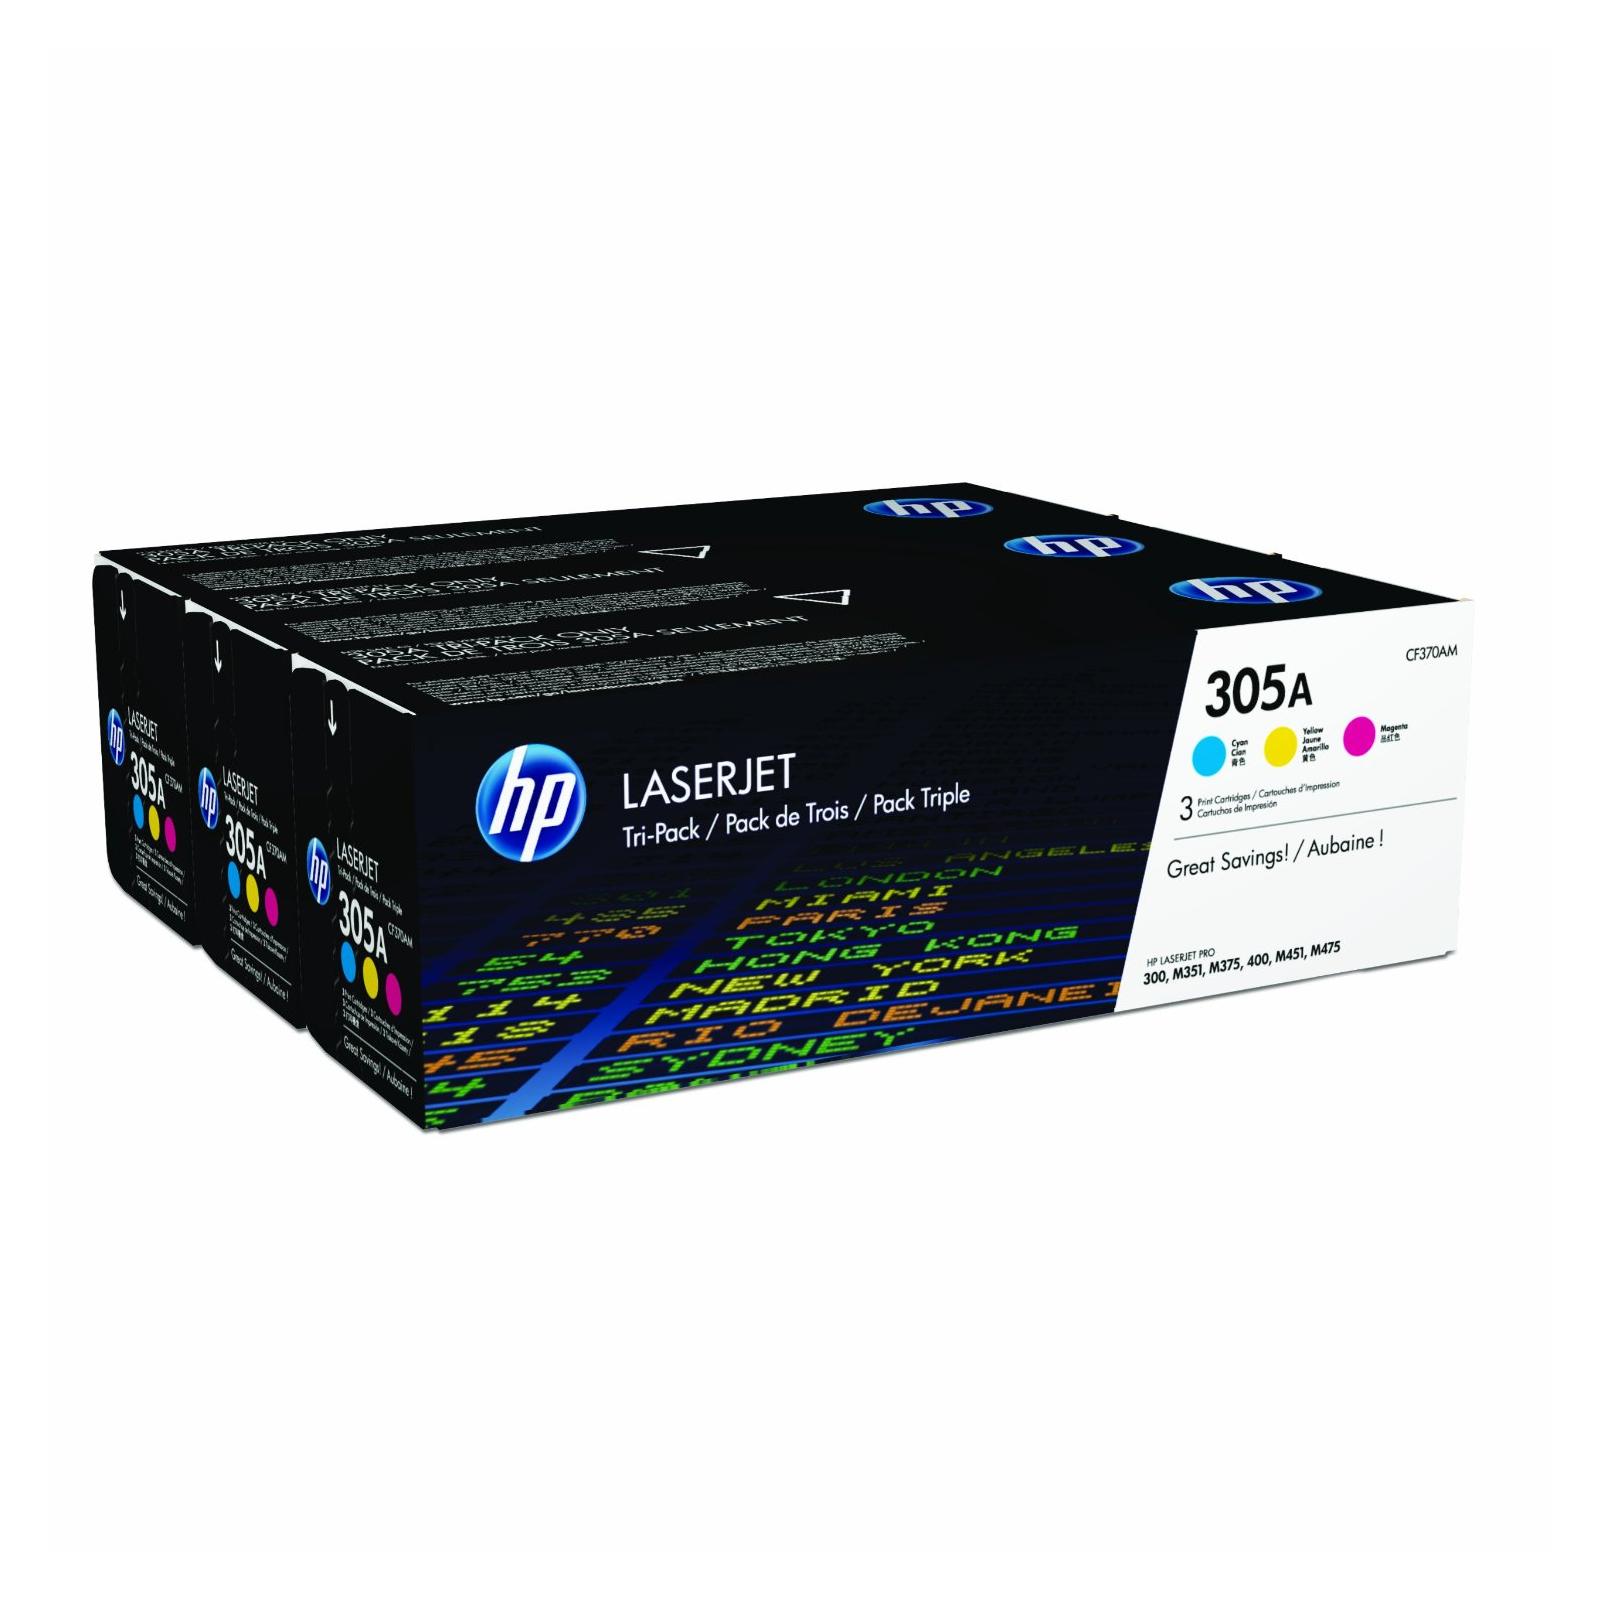 Картридж HP CLJ  305A CYM M351/M451/M375/M475 (CE411A, CE412A, CE413A) (CF370AM)